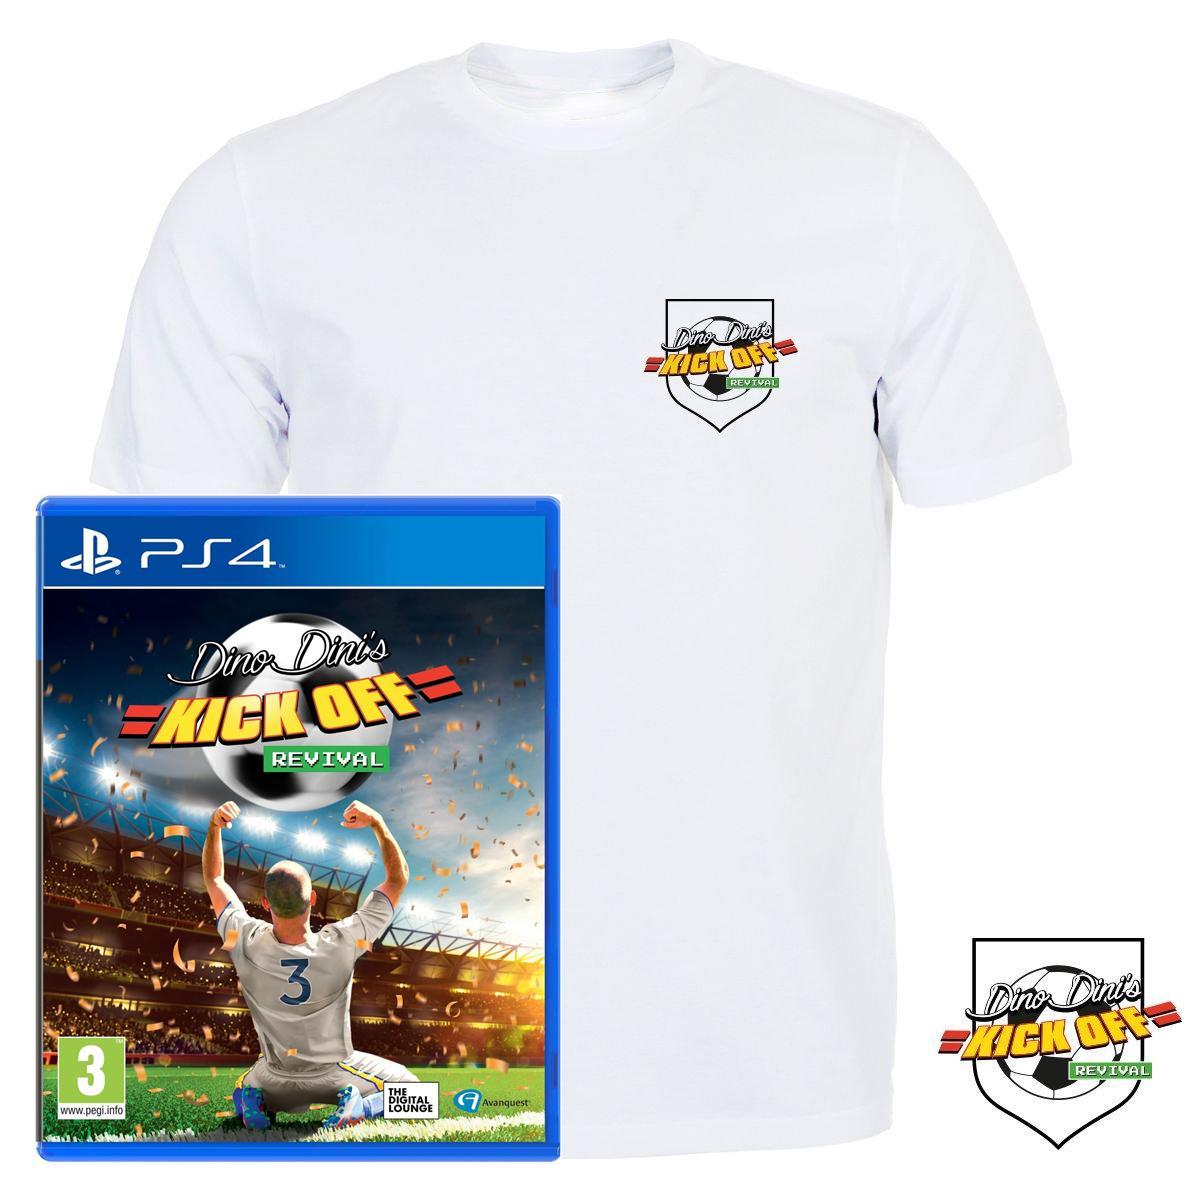 [Précommande] Kick Off Revival sur PS4 + T-shirt offert